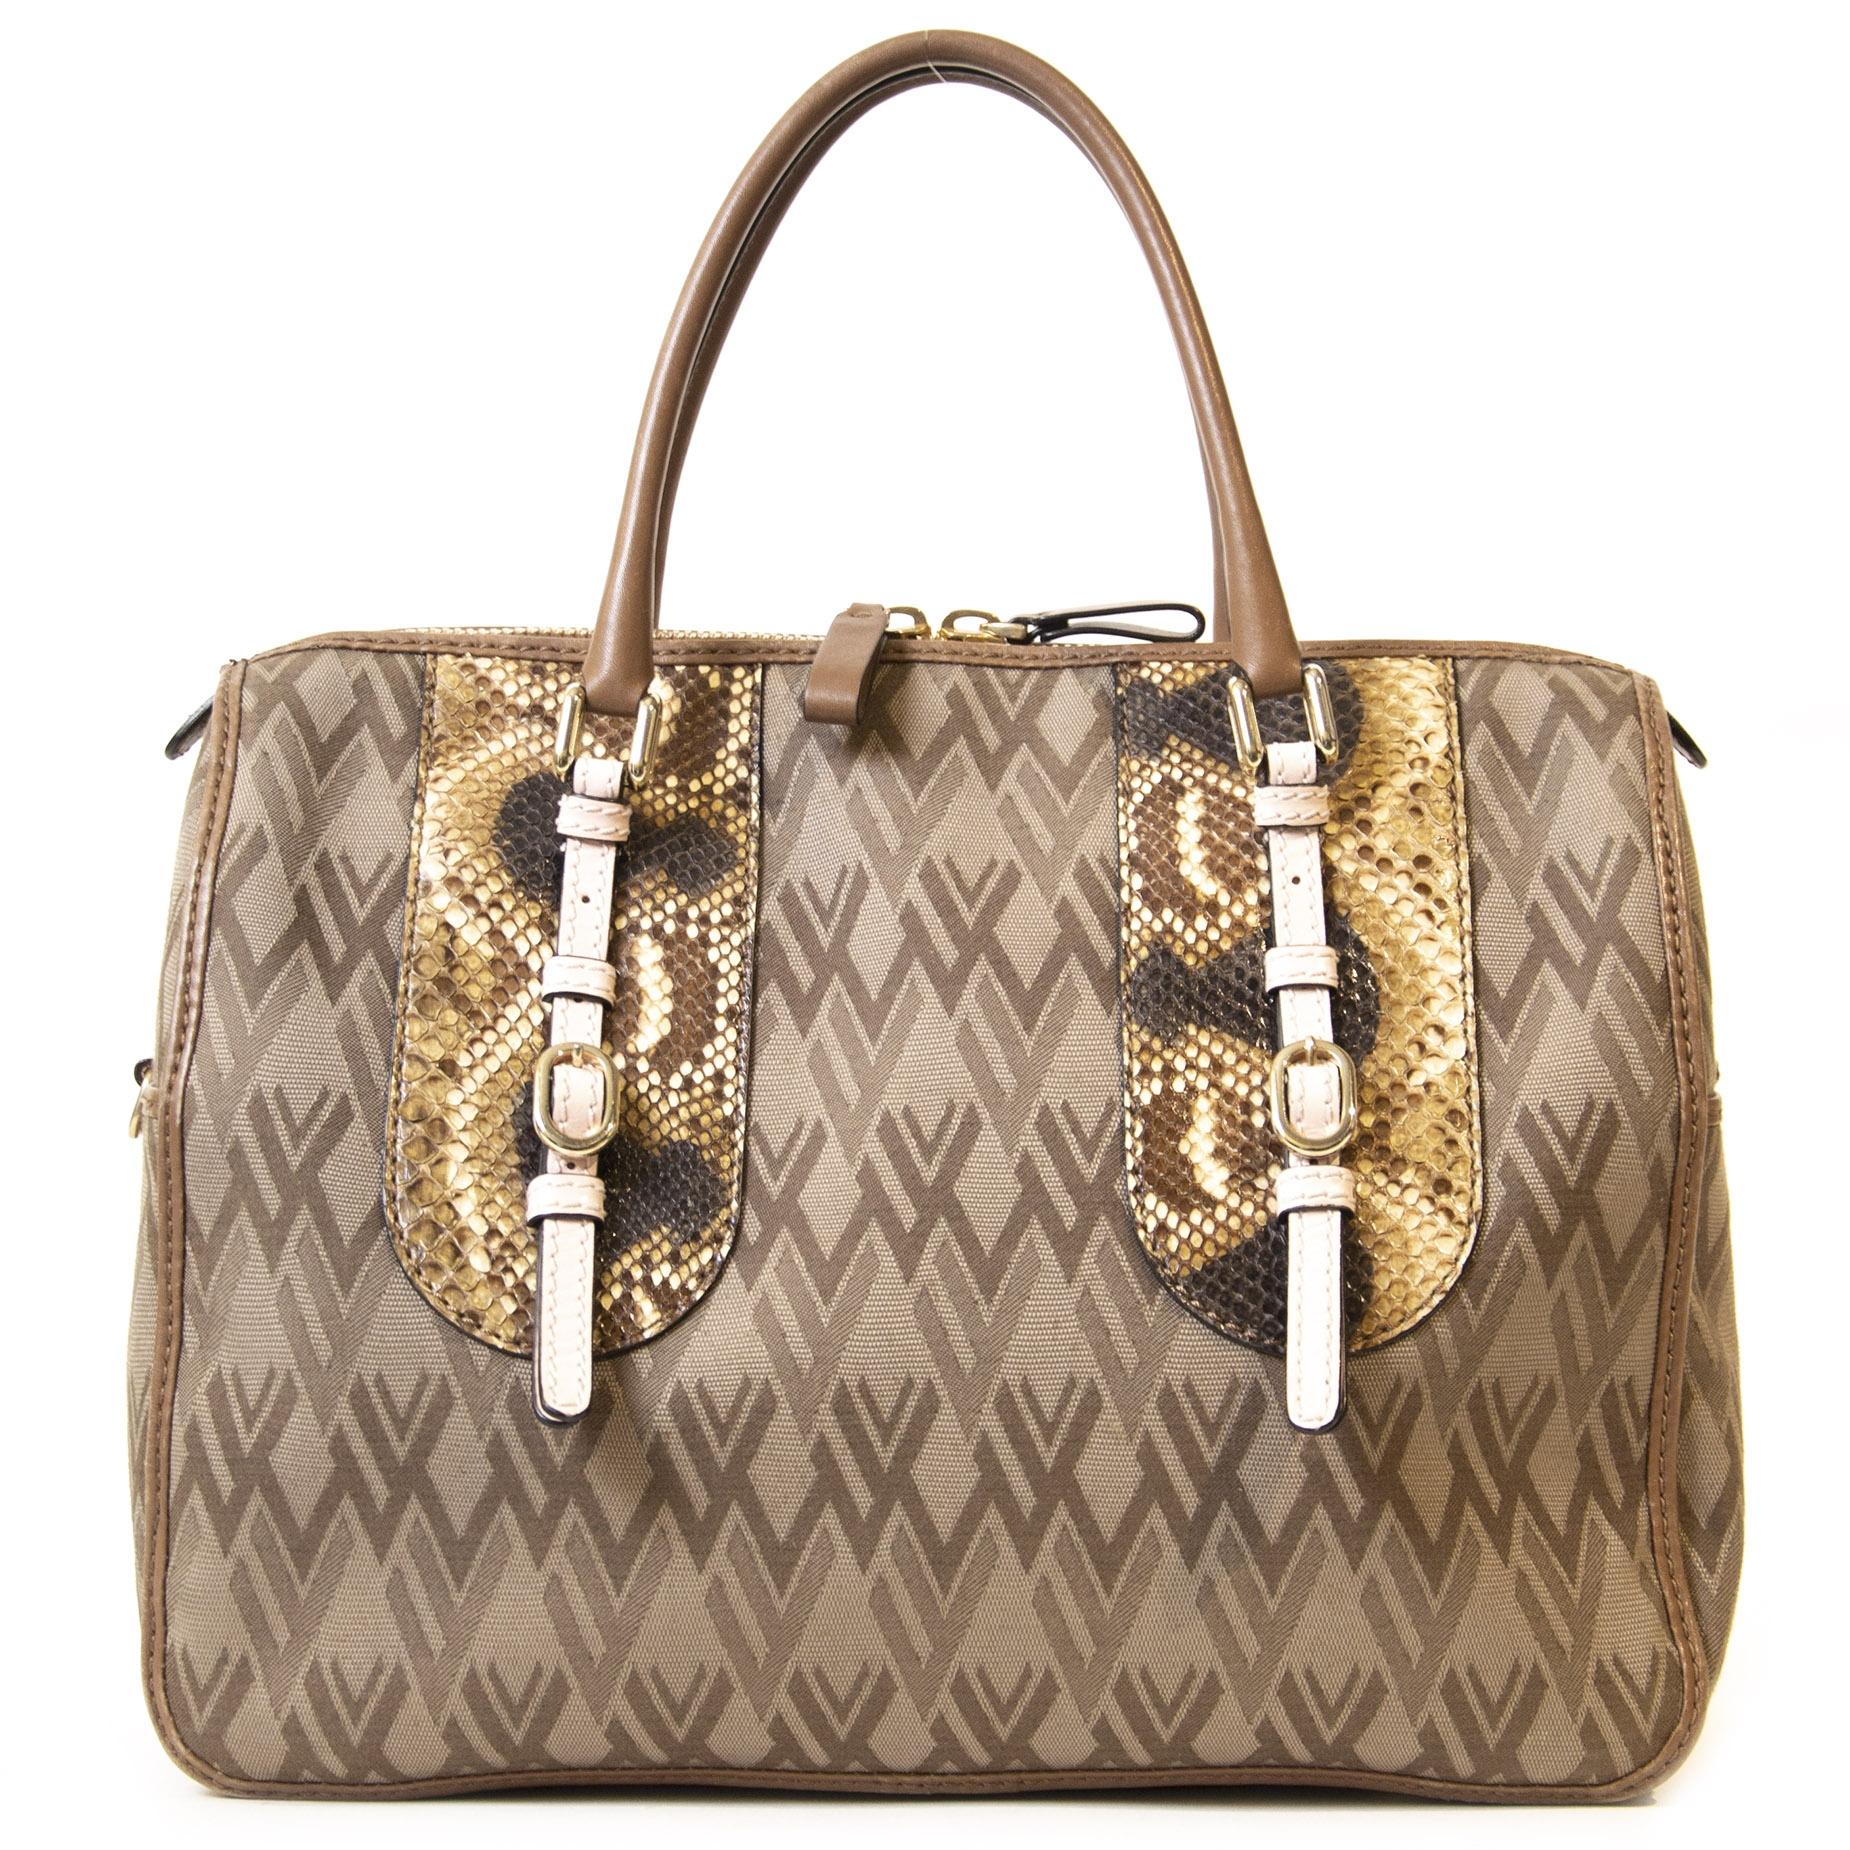 Authentieke Tweedehands Valentino Monogram Python Top Handle Bag juiste prijs veilig online shoppen luxe merken webshop winkelen Antwerpen België mode fashion